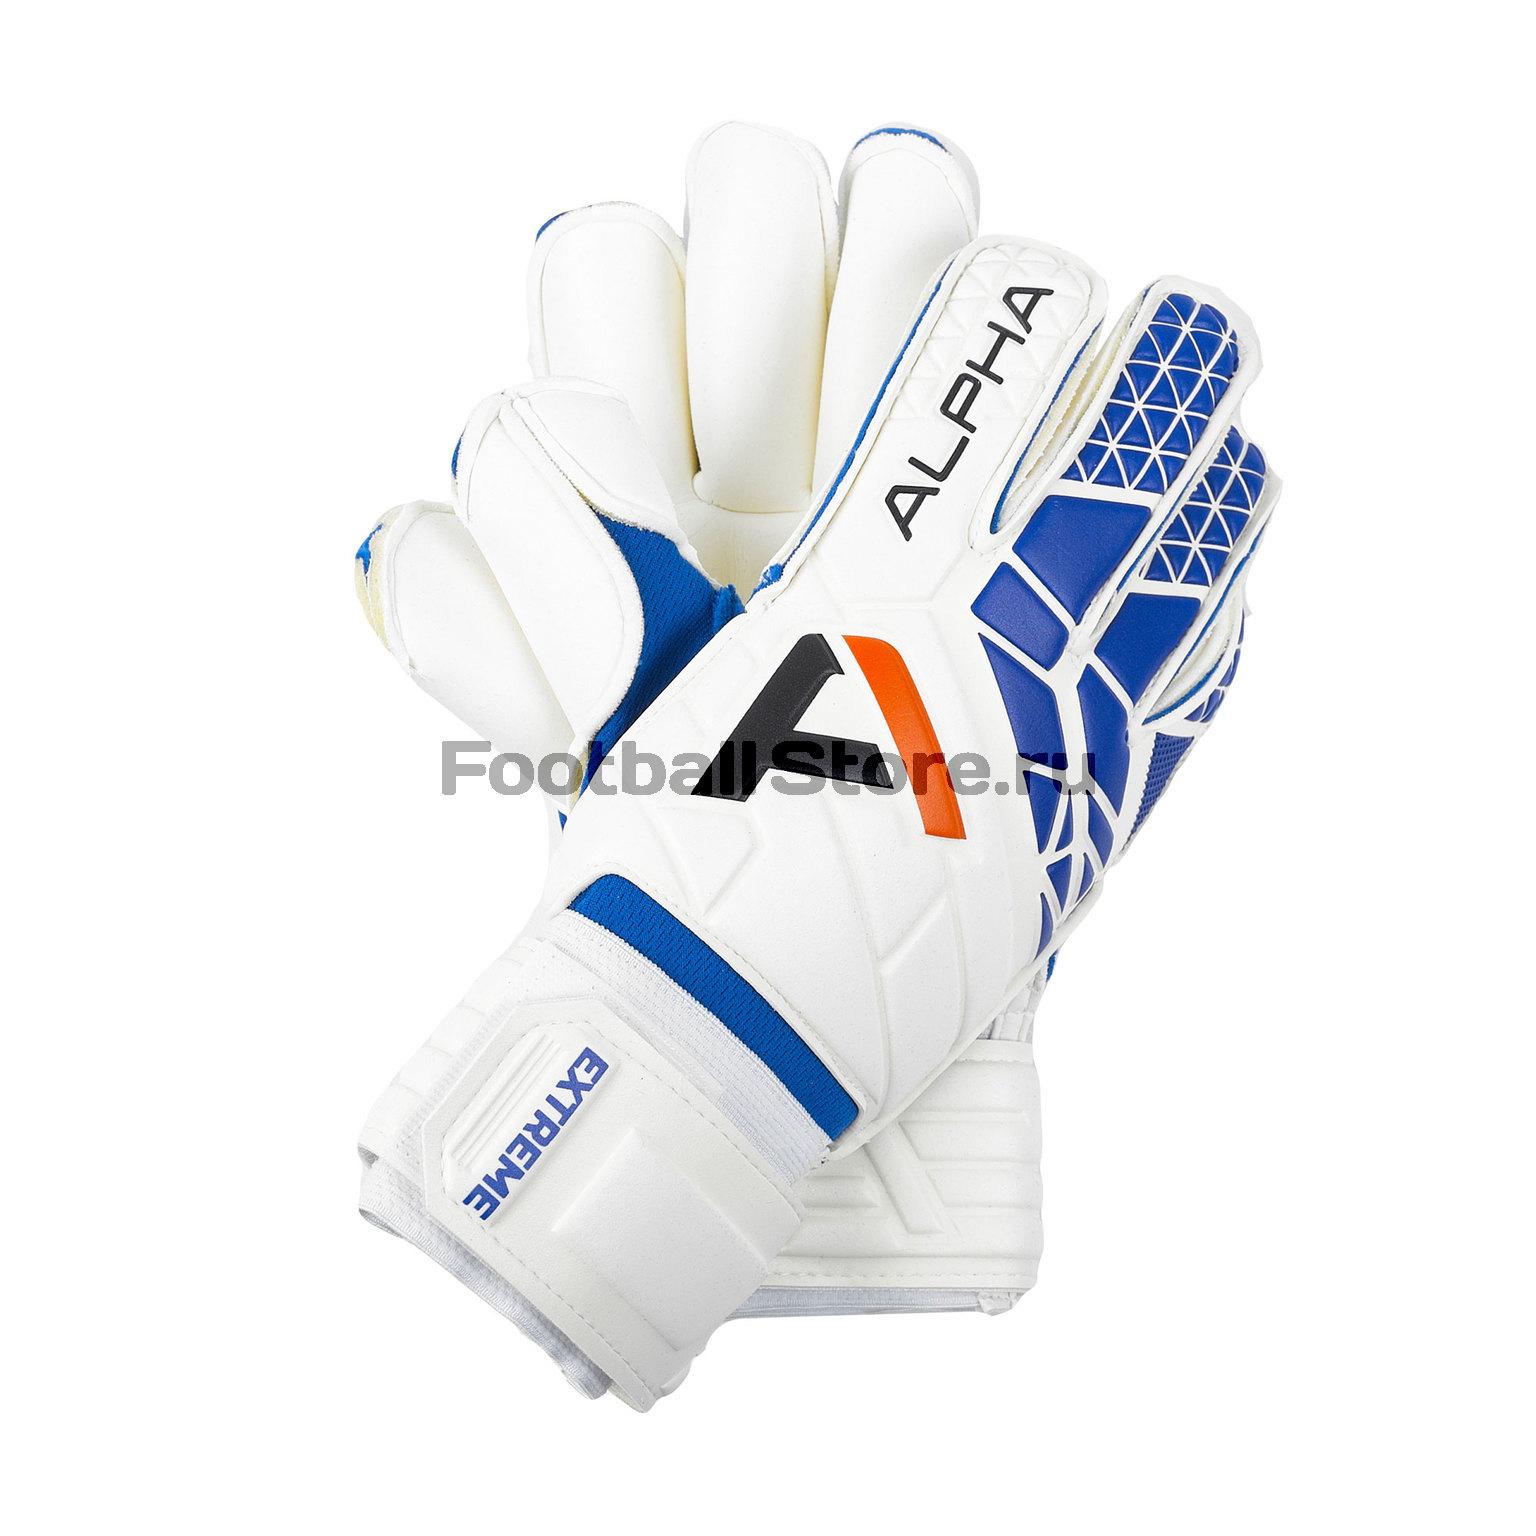 Перчатки вратарские AlphaKeepers Pro Roll Extreme 9 1411-100 перчатки вратарские alphakeepers pro roll extreme p5 1465 010